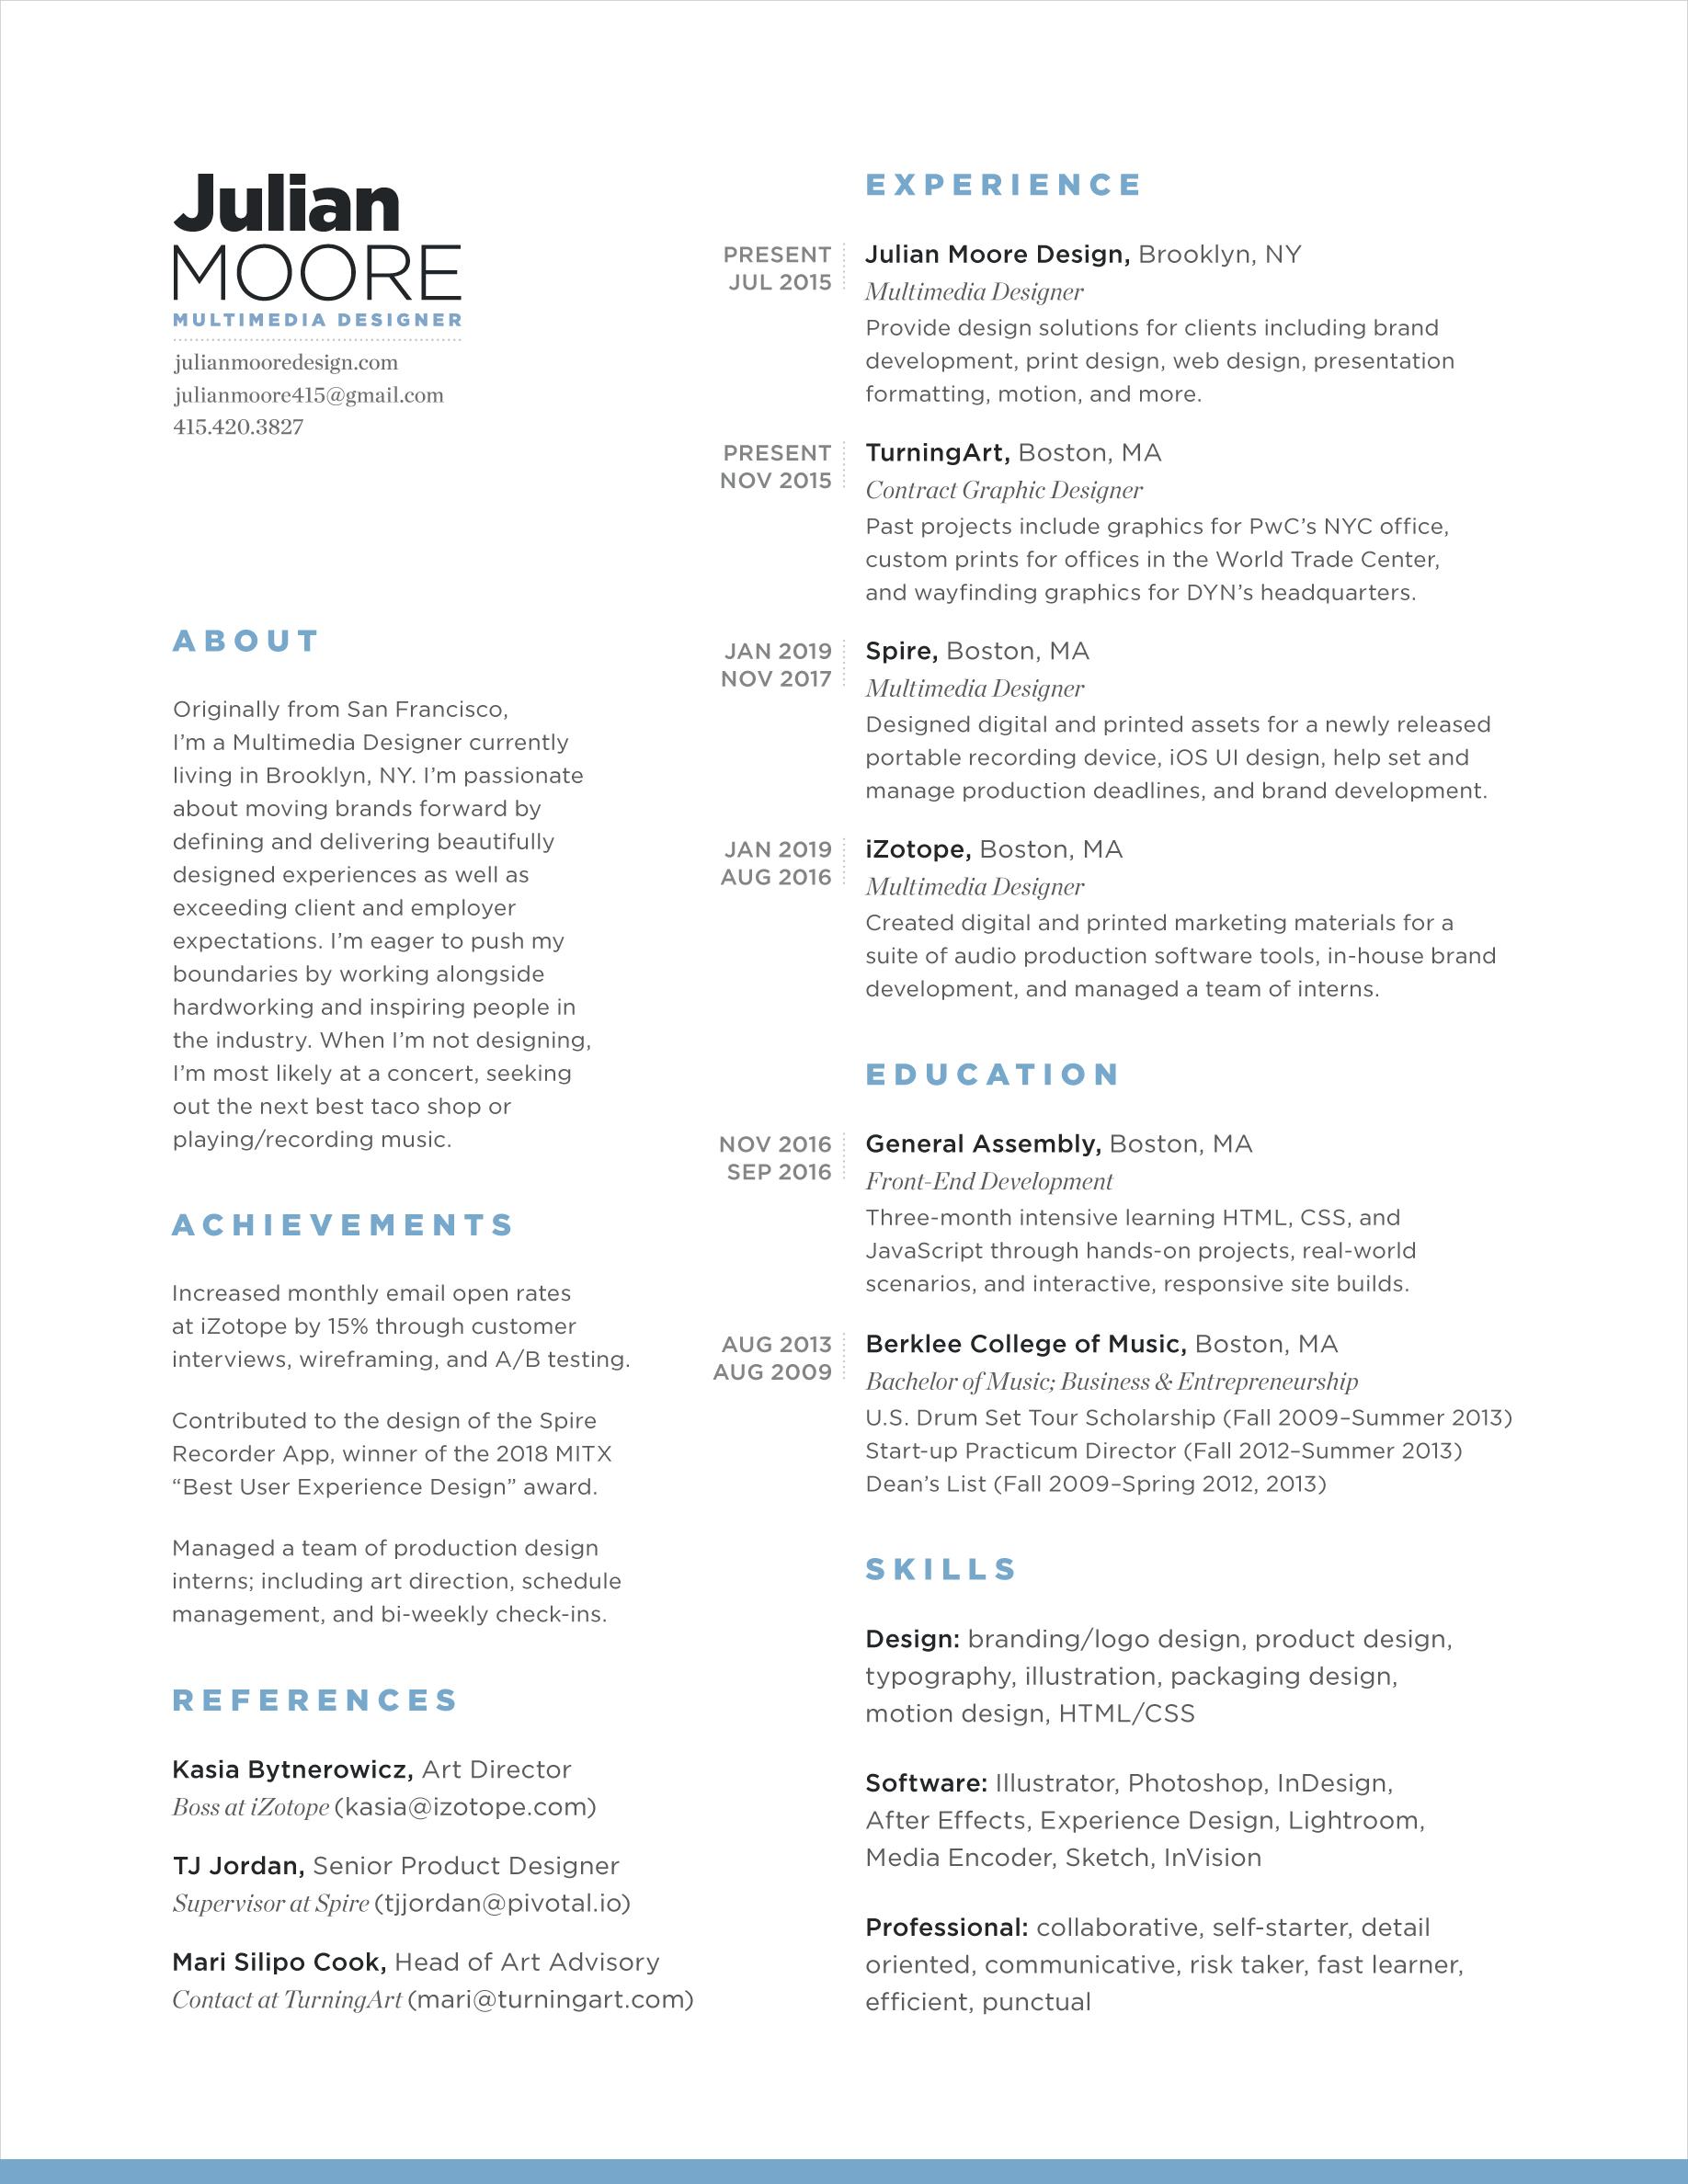 julian-moore-resume.jpg